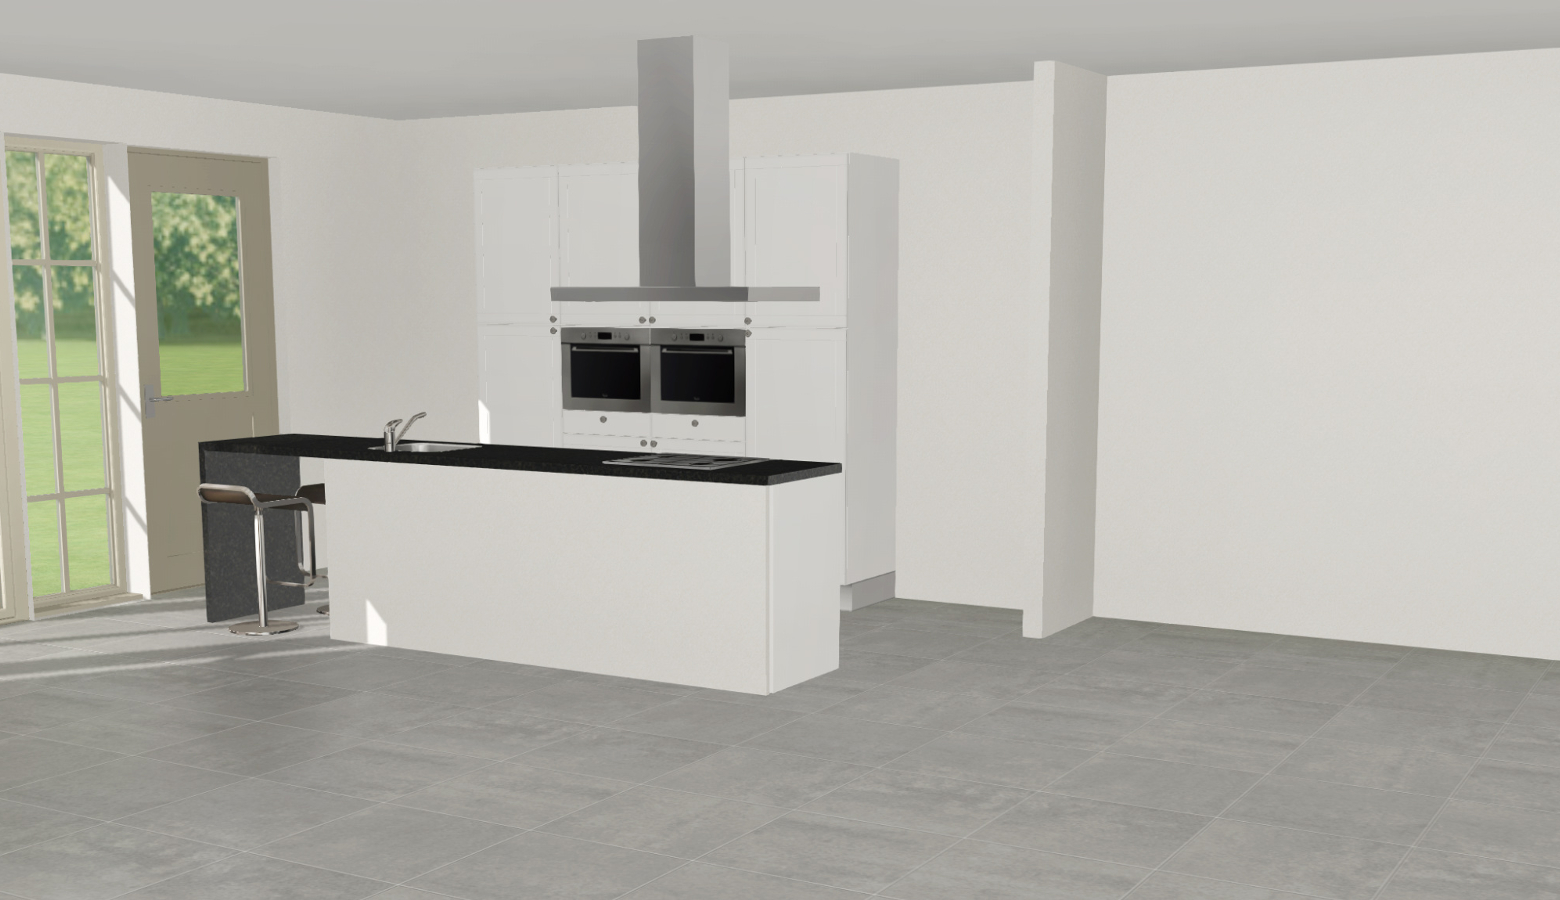 3d Keuken Ontwerpen : Keuken koblenz steinhaus keuken kampioen